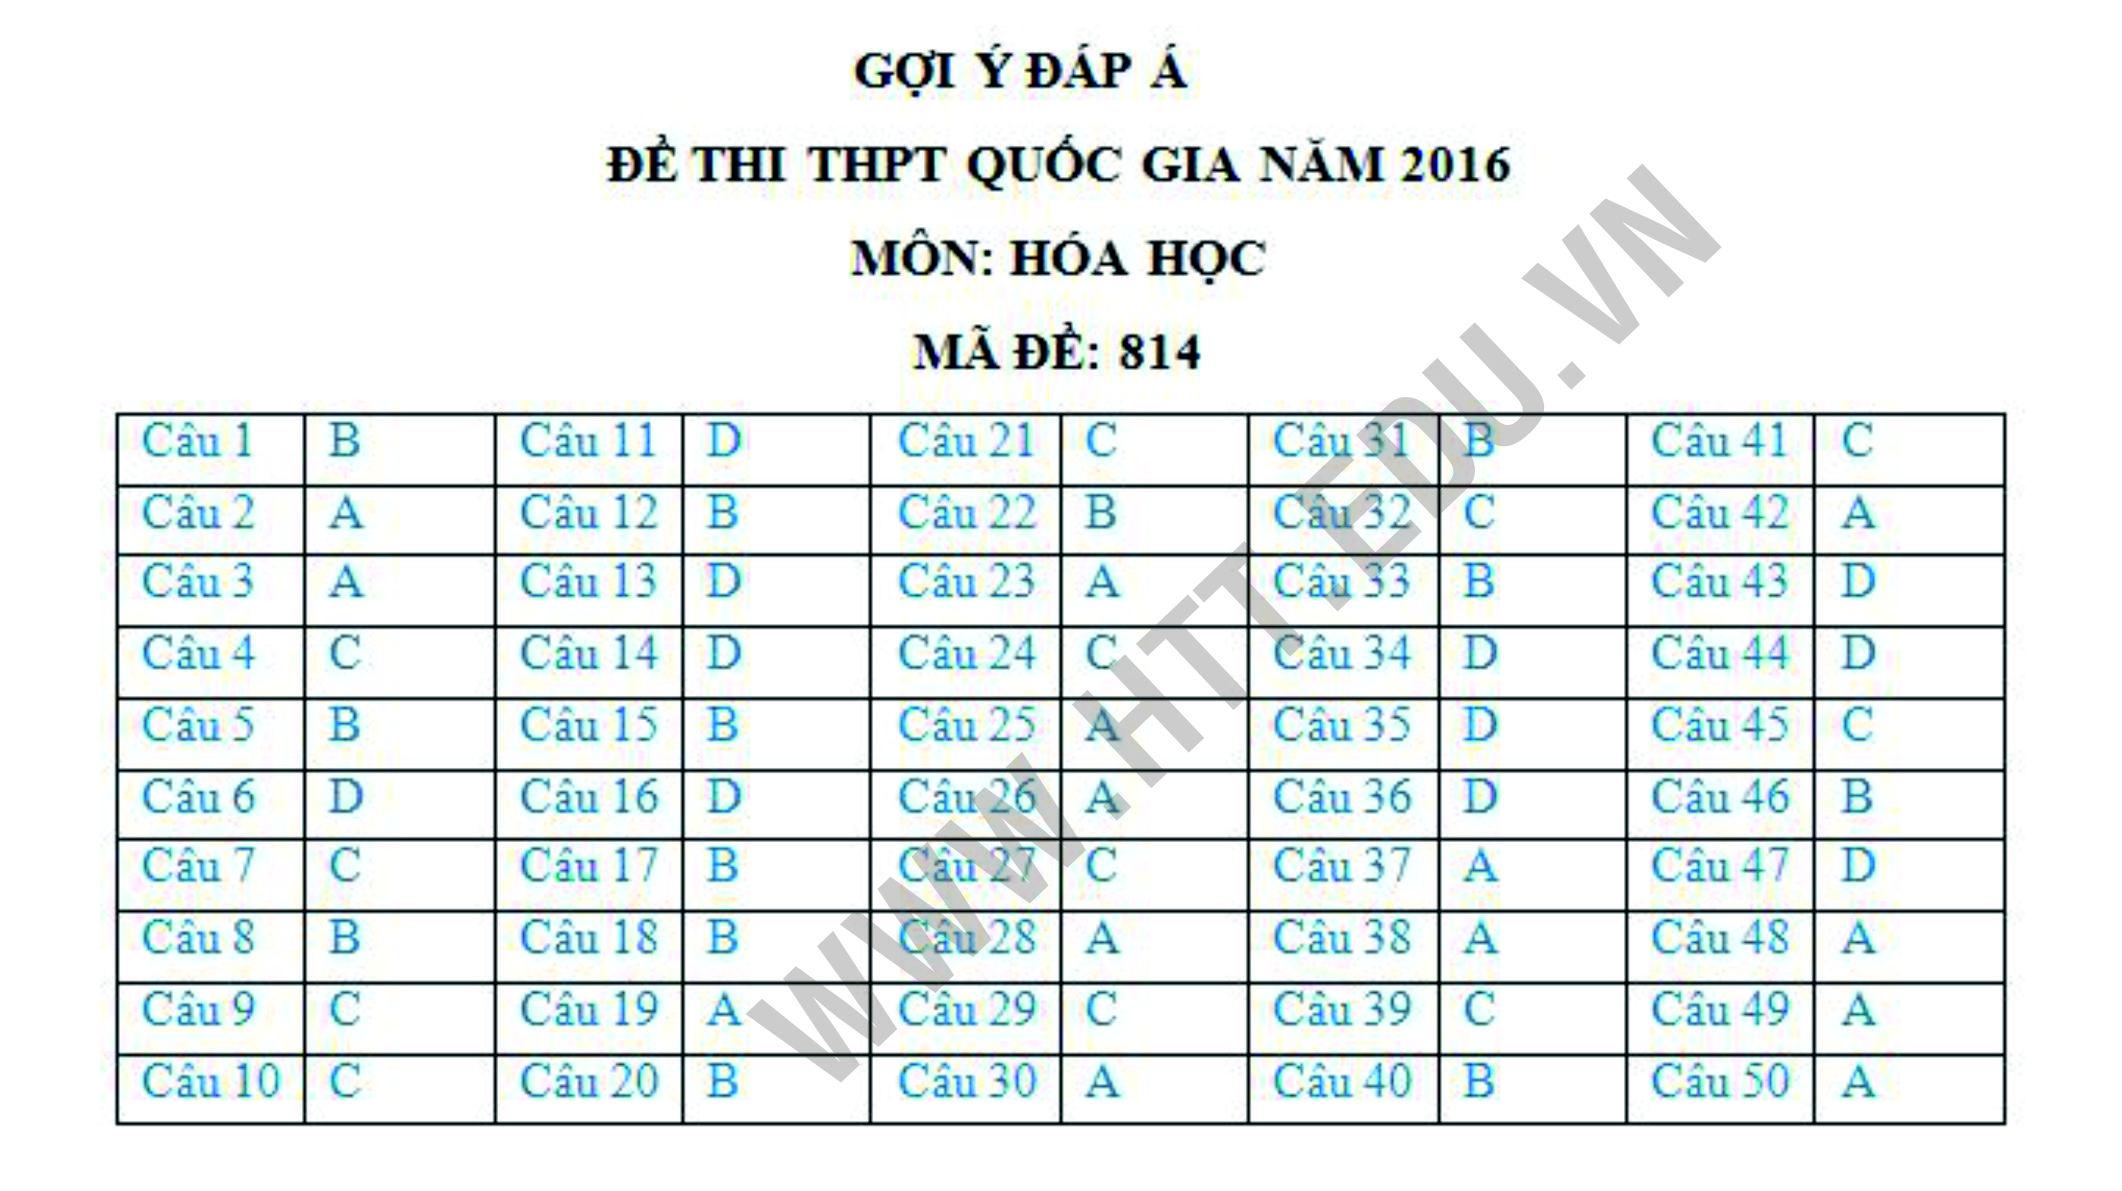 Dap-an-mon-hoa-hoc-MA-DE-814-tot-nghiep-2016-htt.edu.vn-cthn